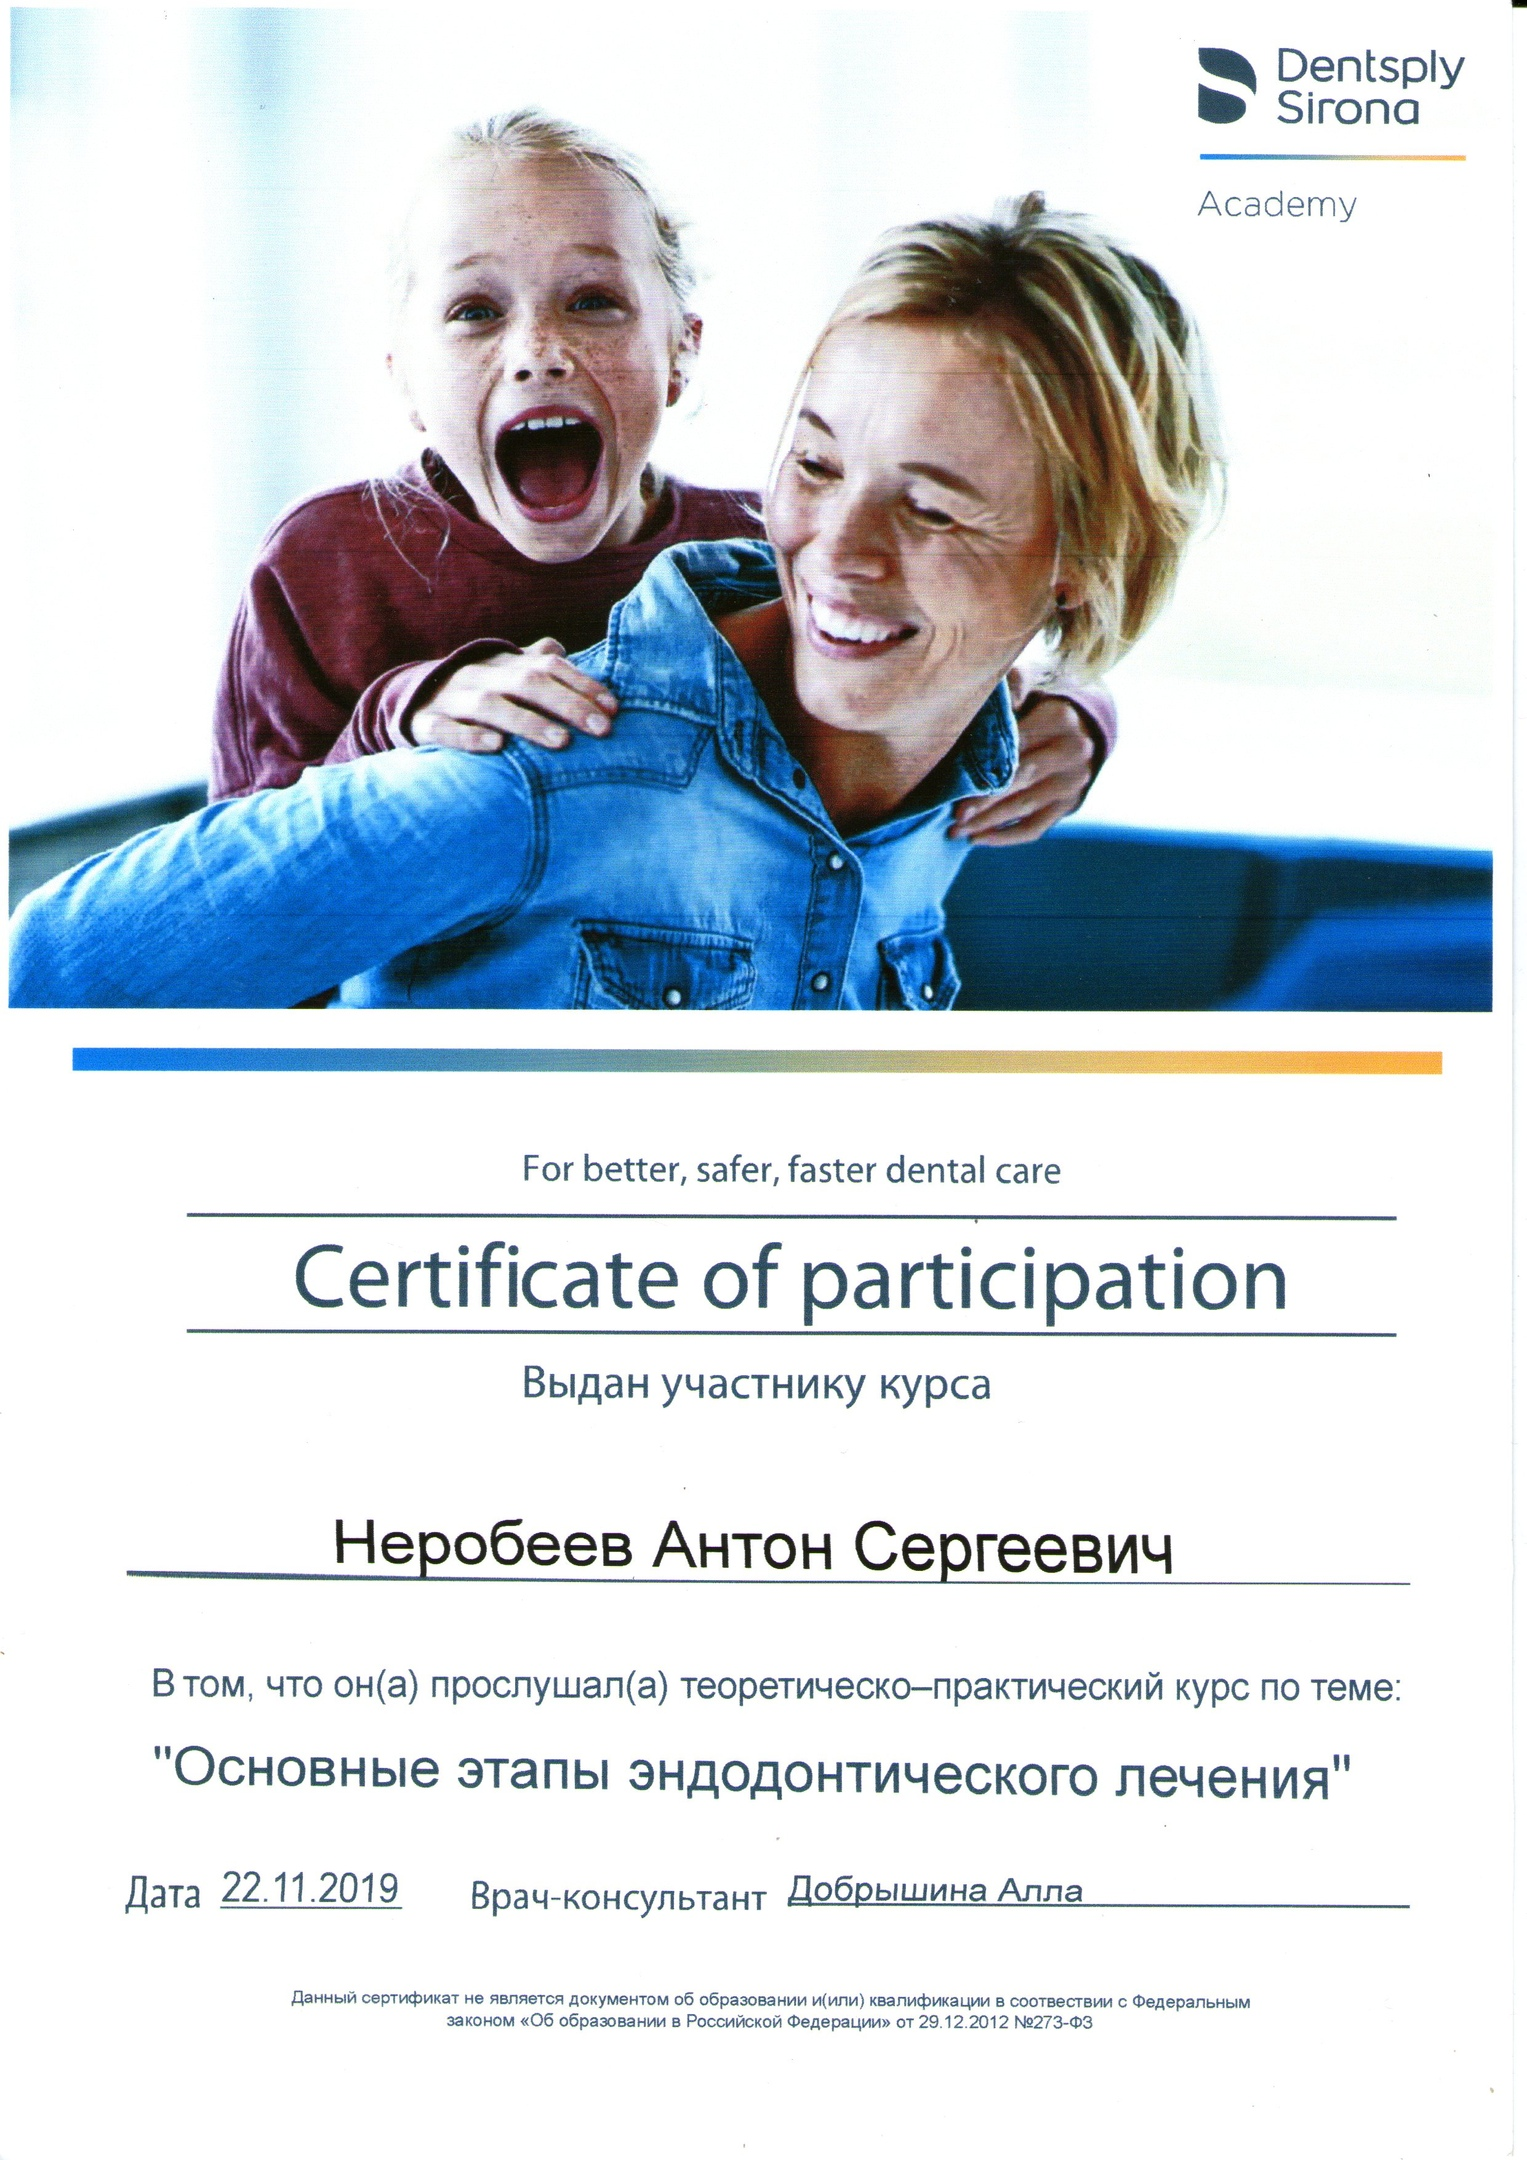 Неробеев Антон Сергеевич